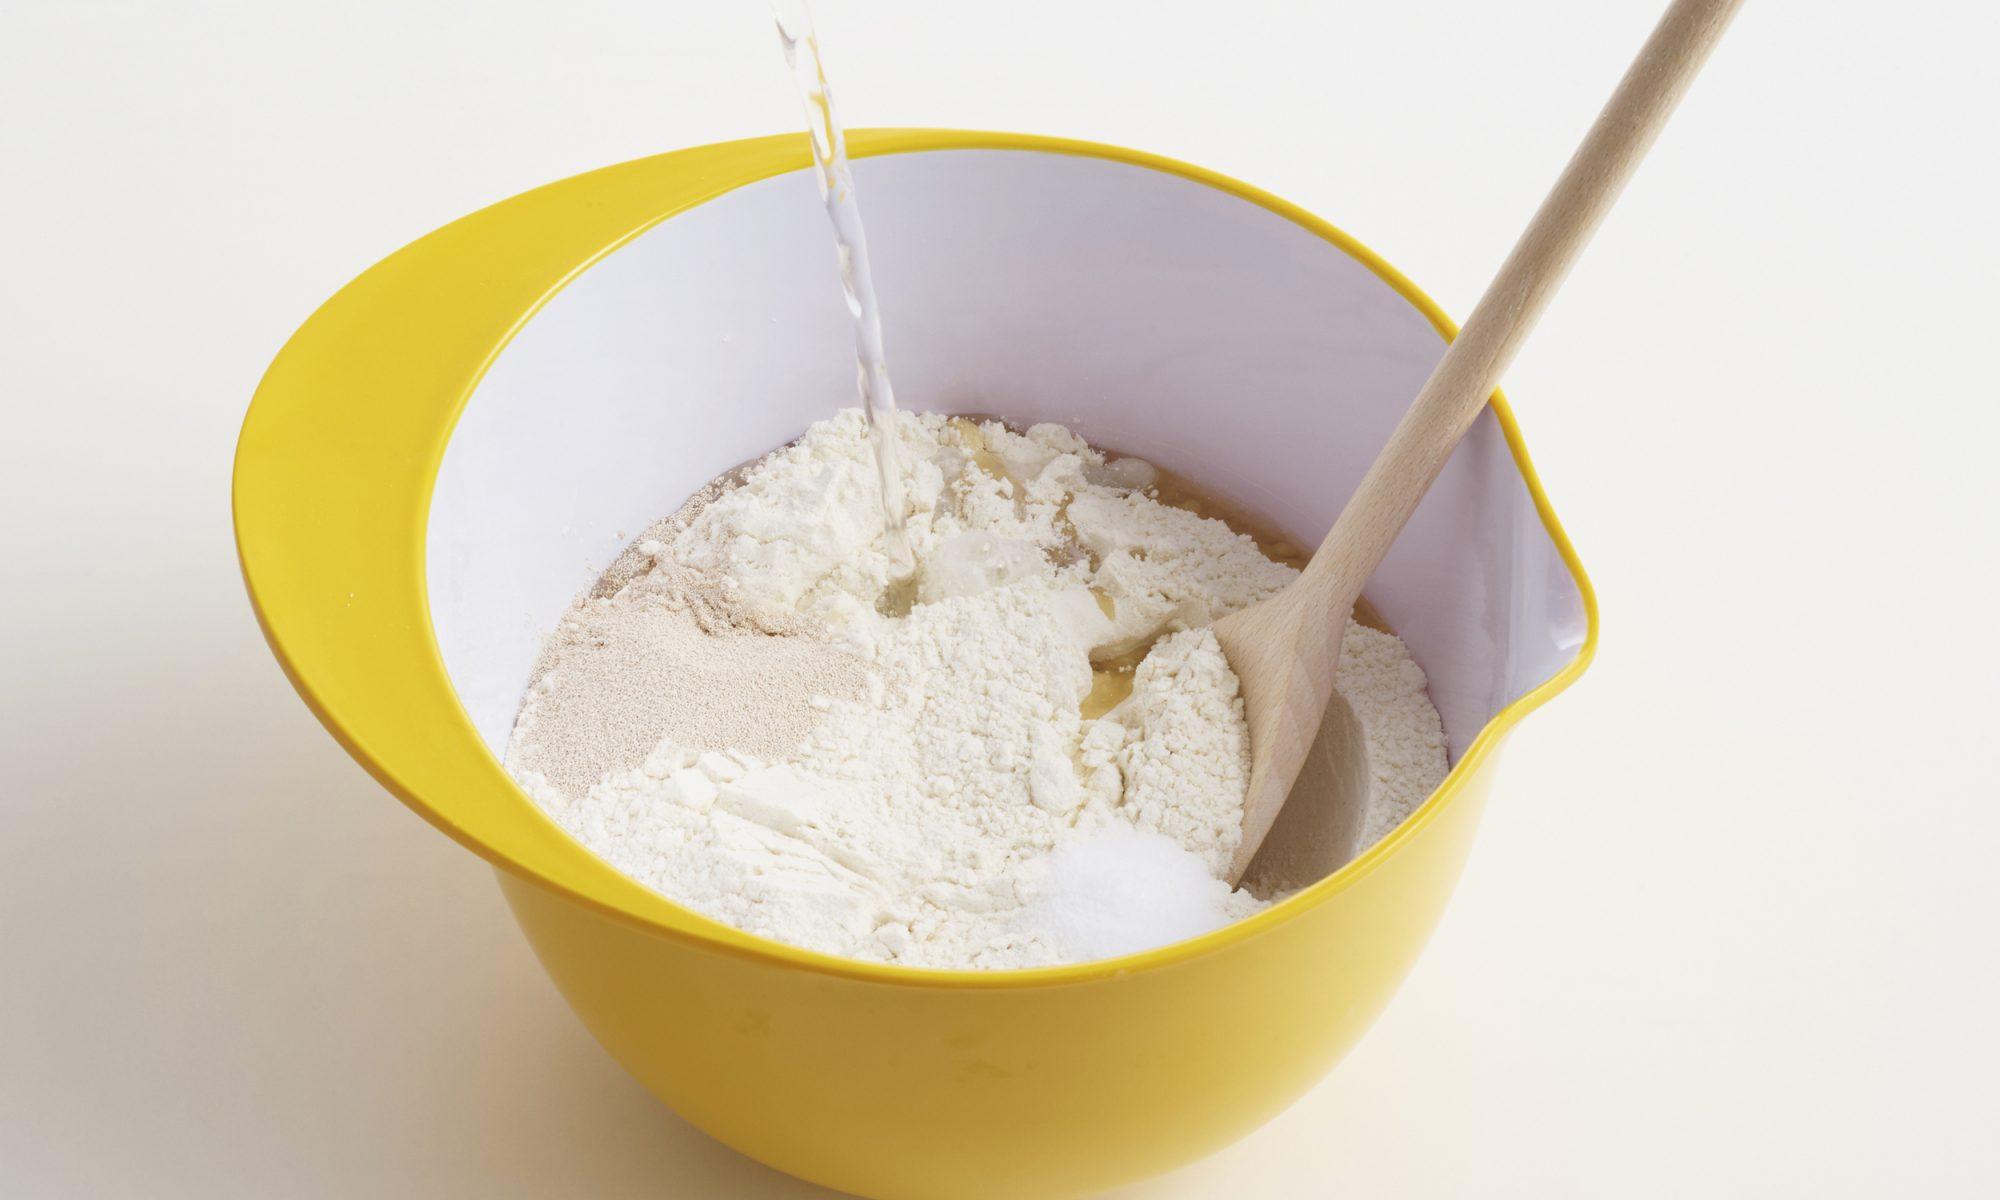 diy just-add-water pancake mix